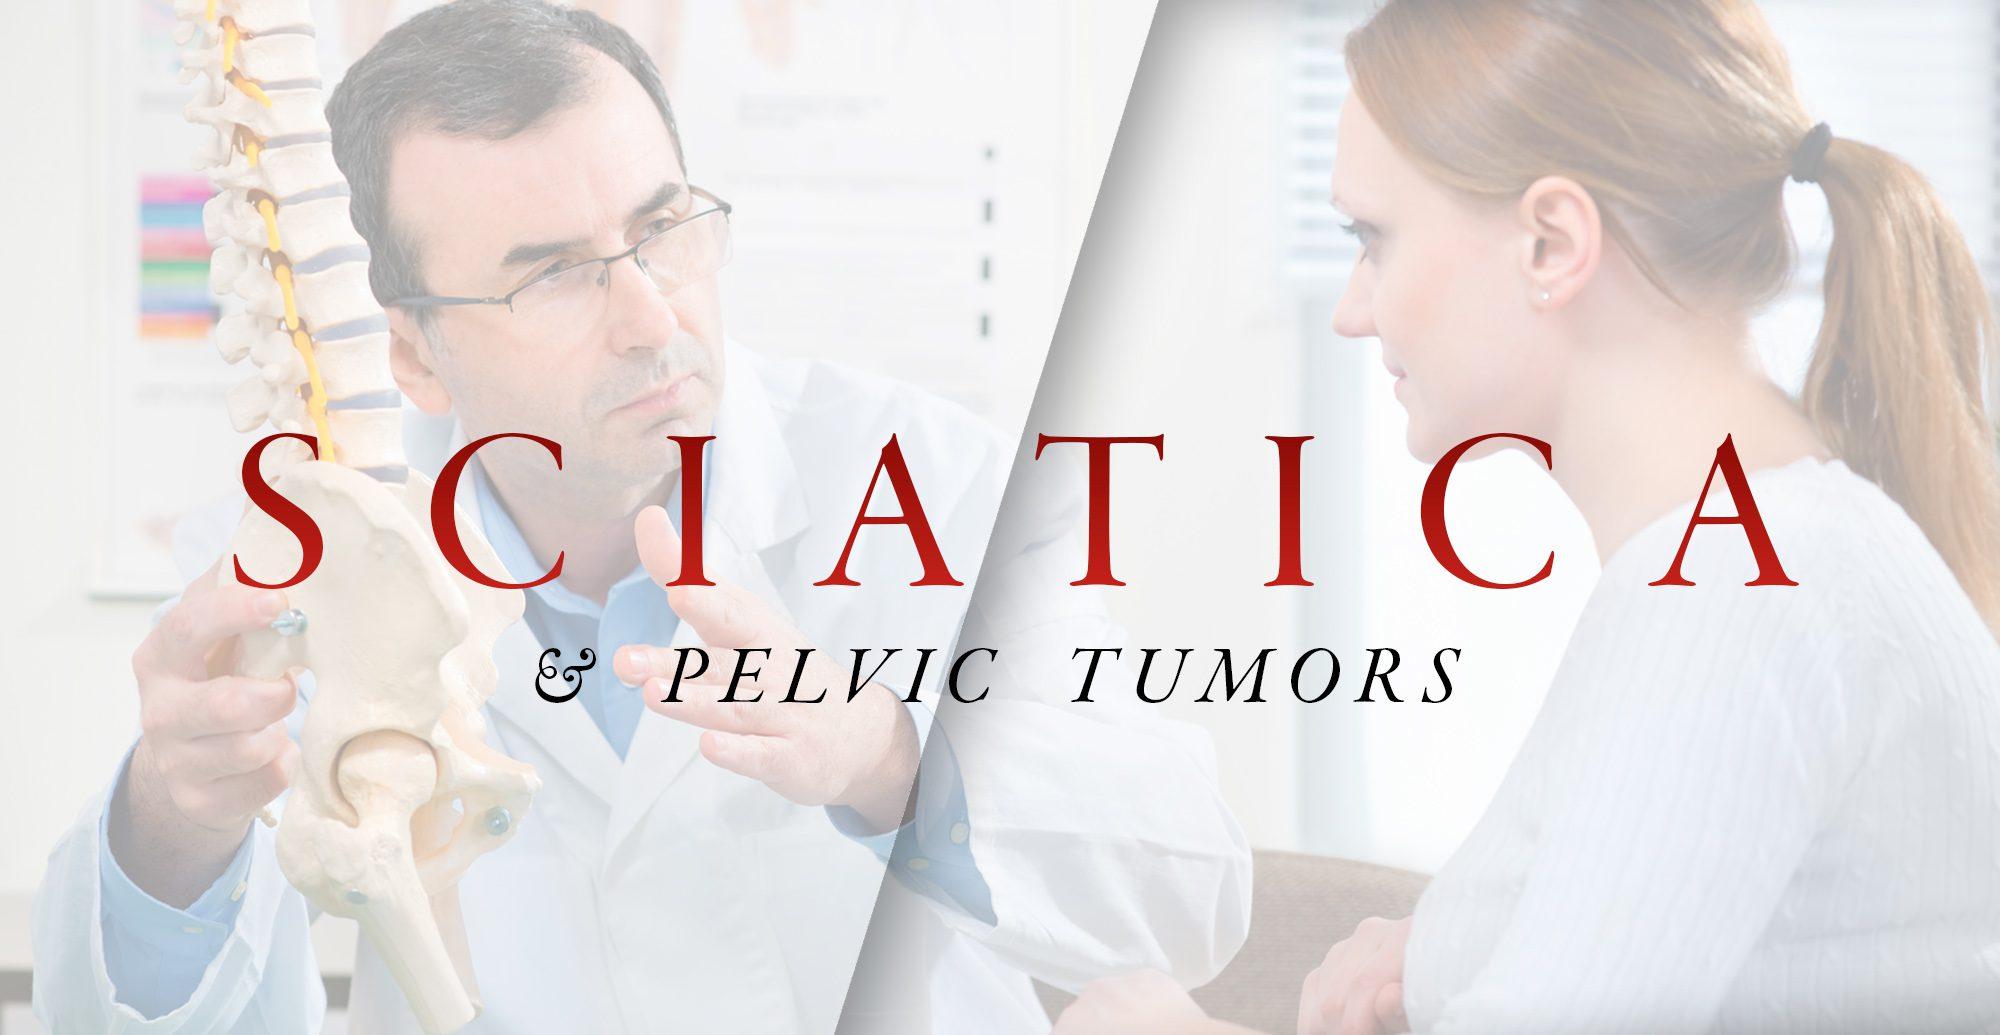 Tumores pélvicos y ciática | El Paso, TX Quiropráctico